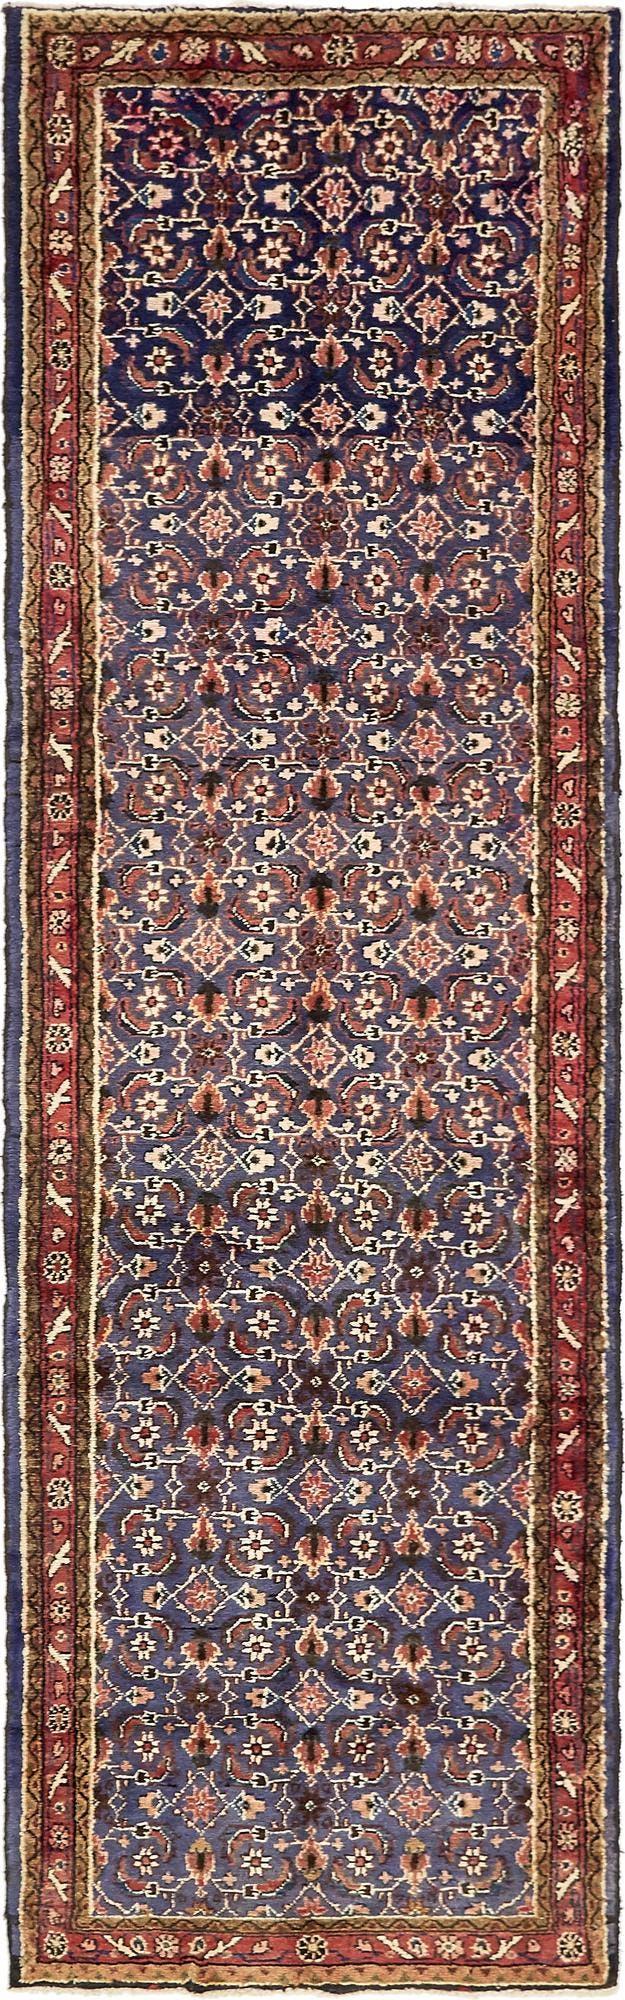 3' 3 x 10' 5 Hamedan Persian Runner Rug main image